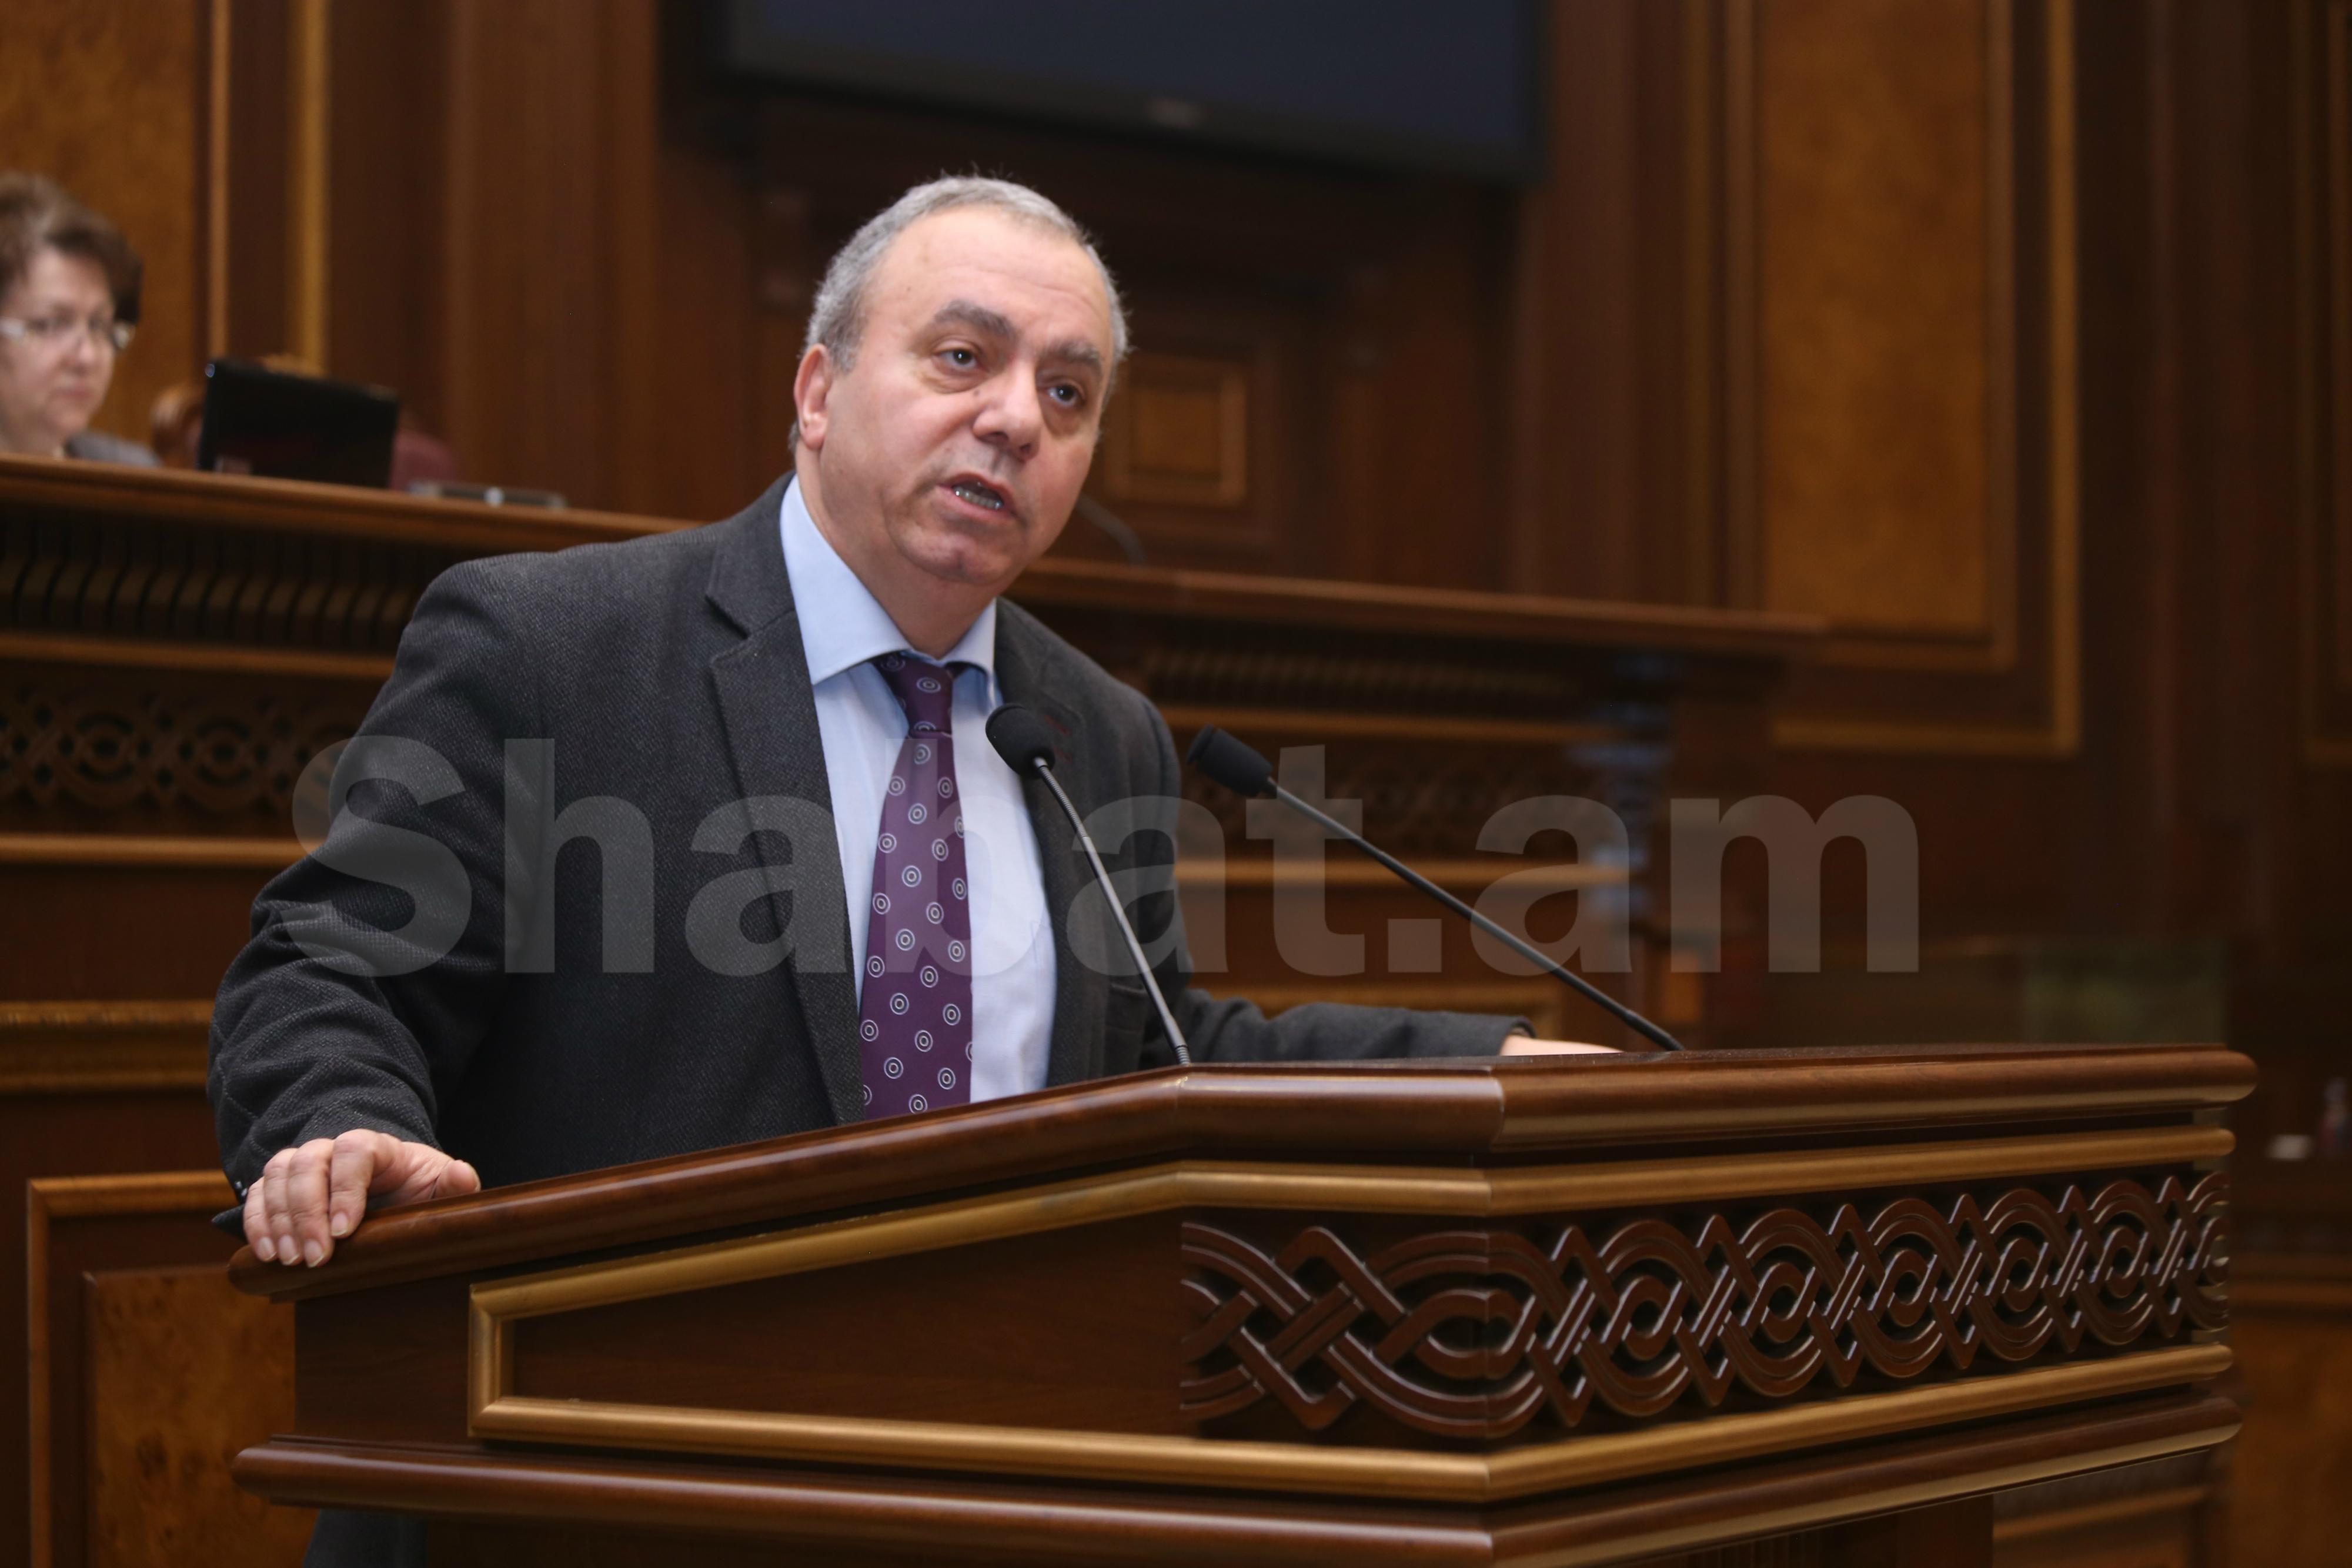 Ինձ ավելի շատ հուզում է ՀՀ առաջին դեմքի, Նախագահ Արմեն Սարգսյանի դերը